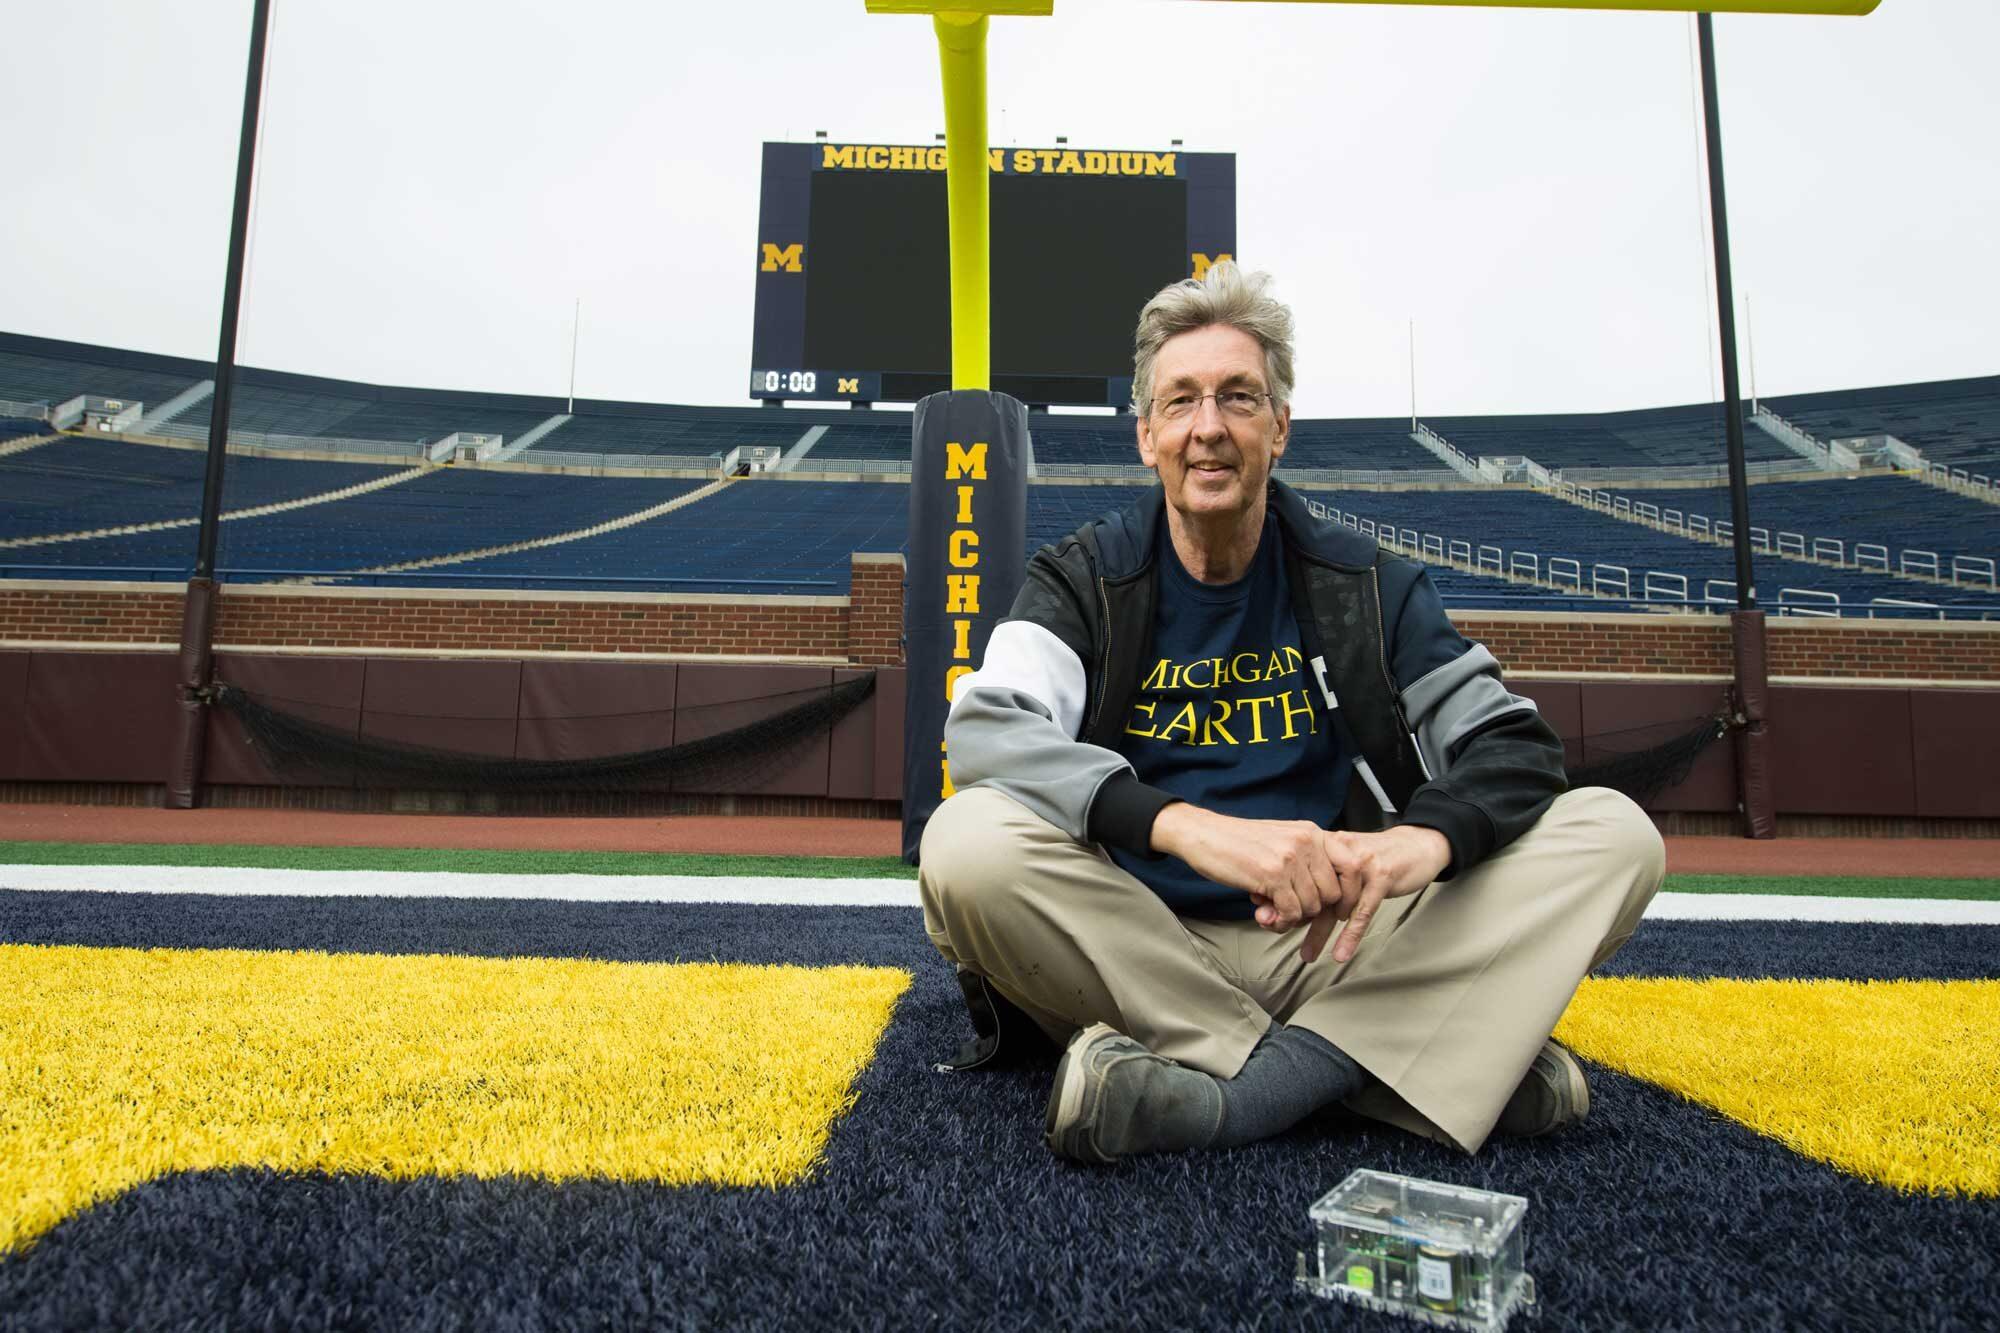 U-M geologist Ben van der Pluijm in Michigan Stadium